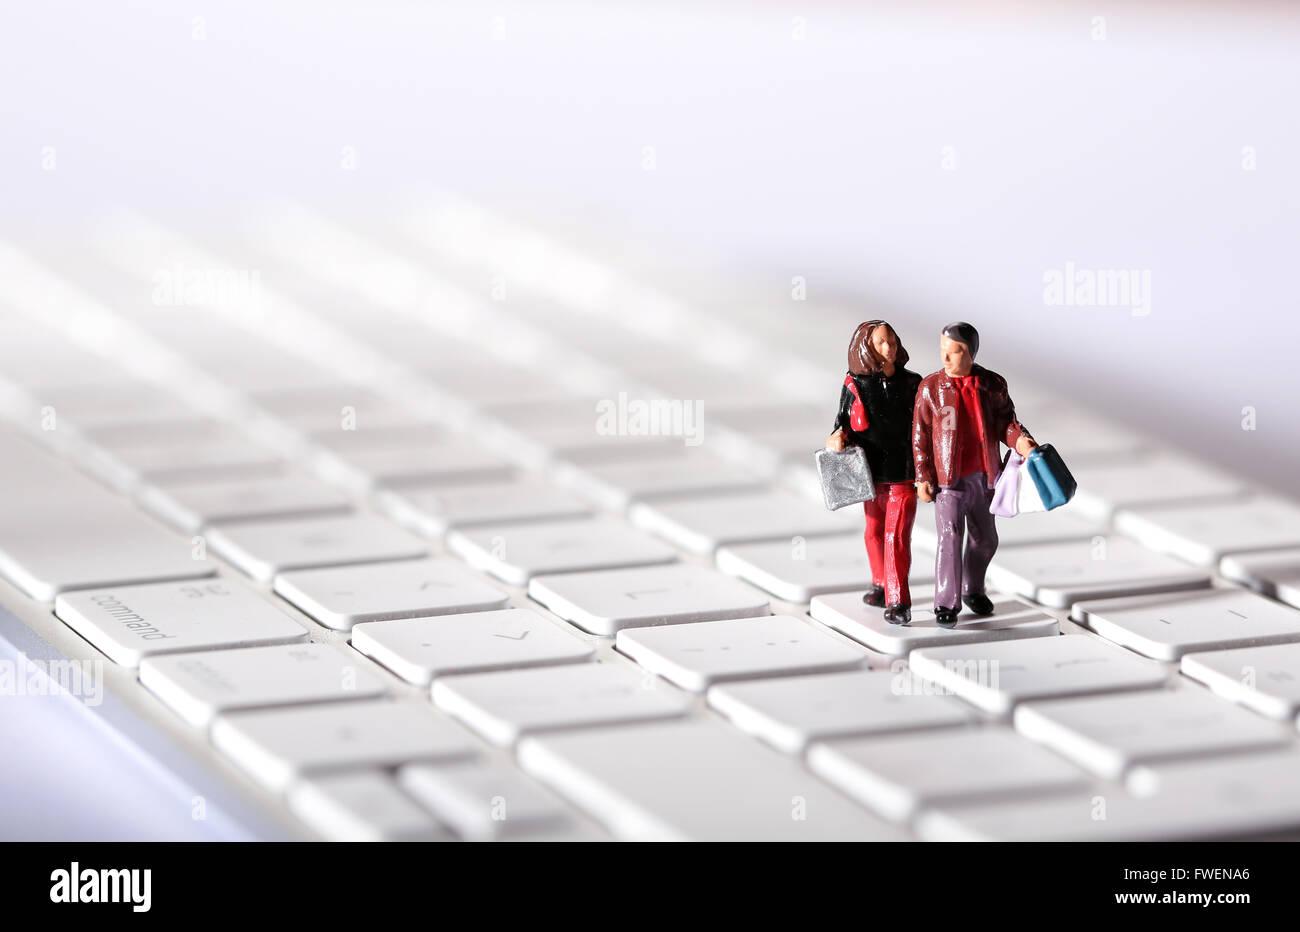 Concepto de compras en línea de la imagen de una pareja en un teclado de ordenador llevando bolsas de la compra. Imagen De Stock